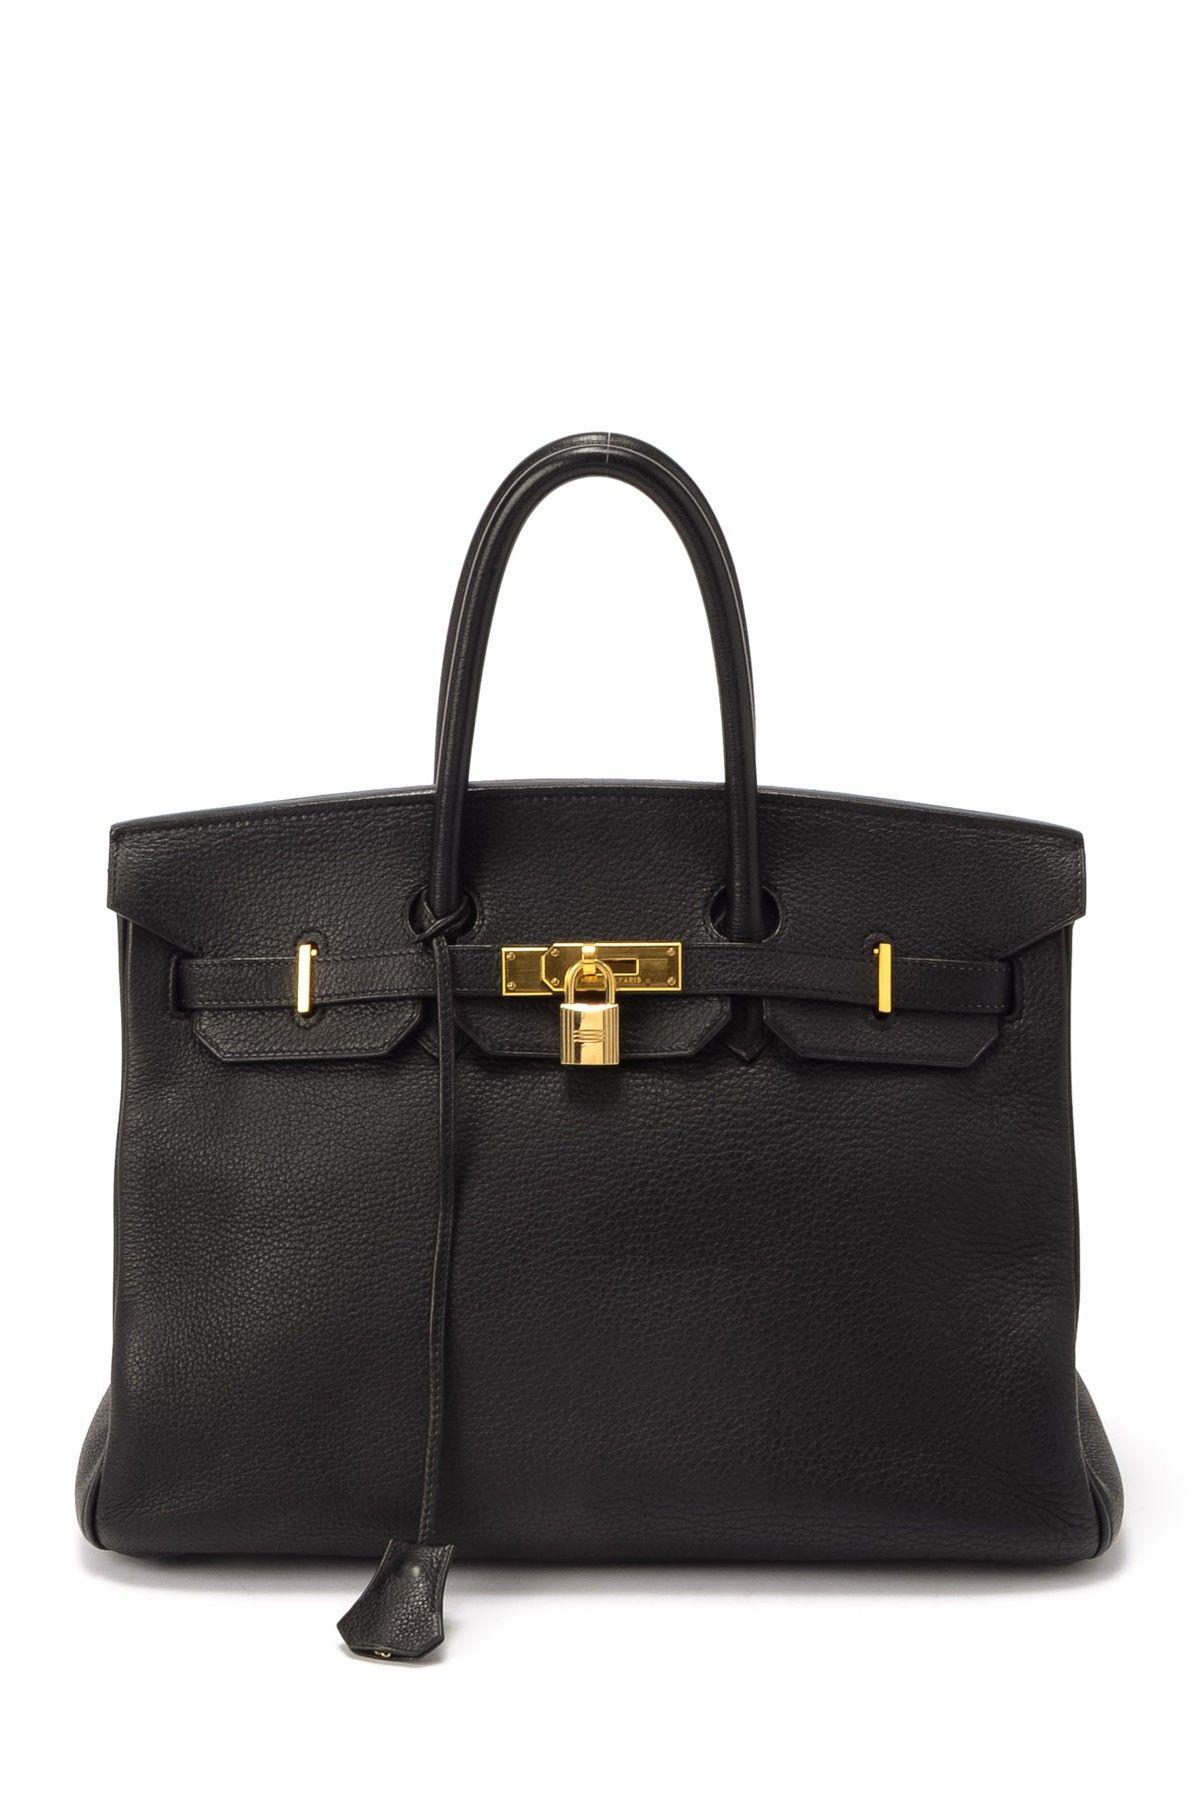 a64d81ac2 Bolsos - Bags - vintage Hermes Estilo Urbano, Alta Moda, Estilo Femenino,  Mochilas